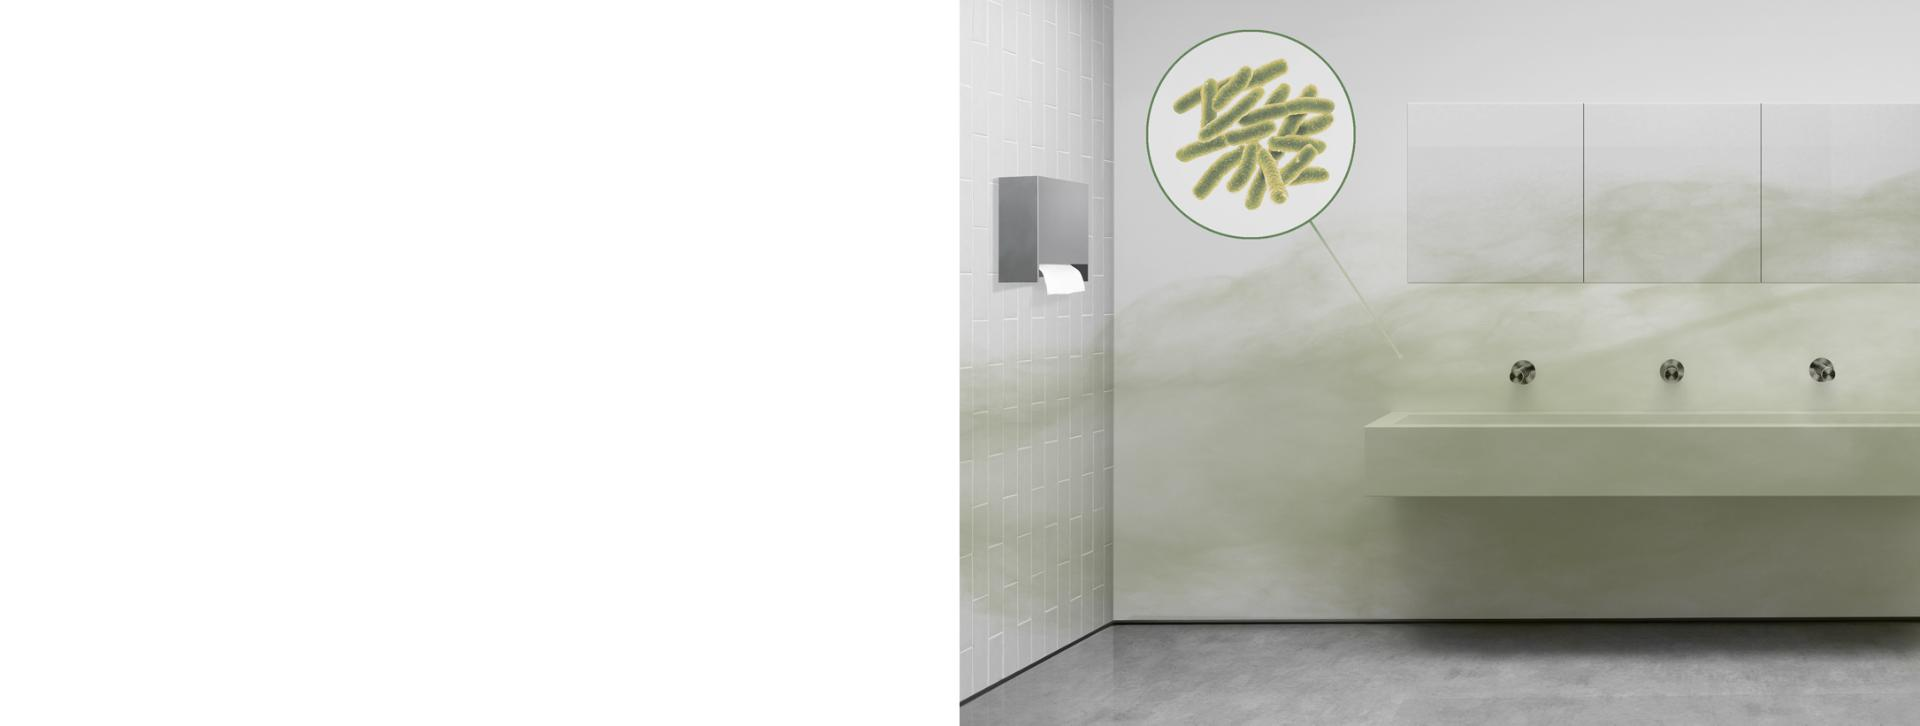 Cząsteczka bakterii w toalecie.